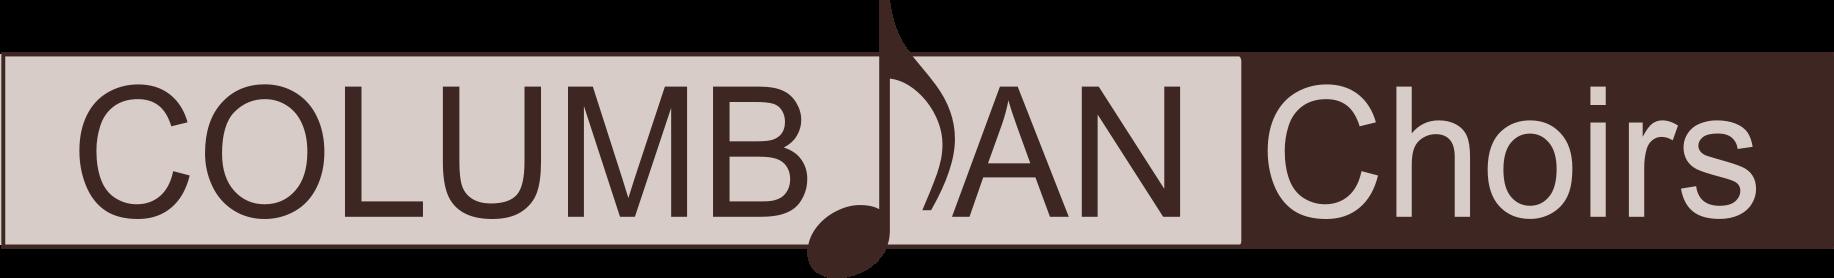 Columbian Choirs